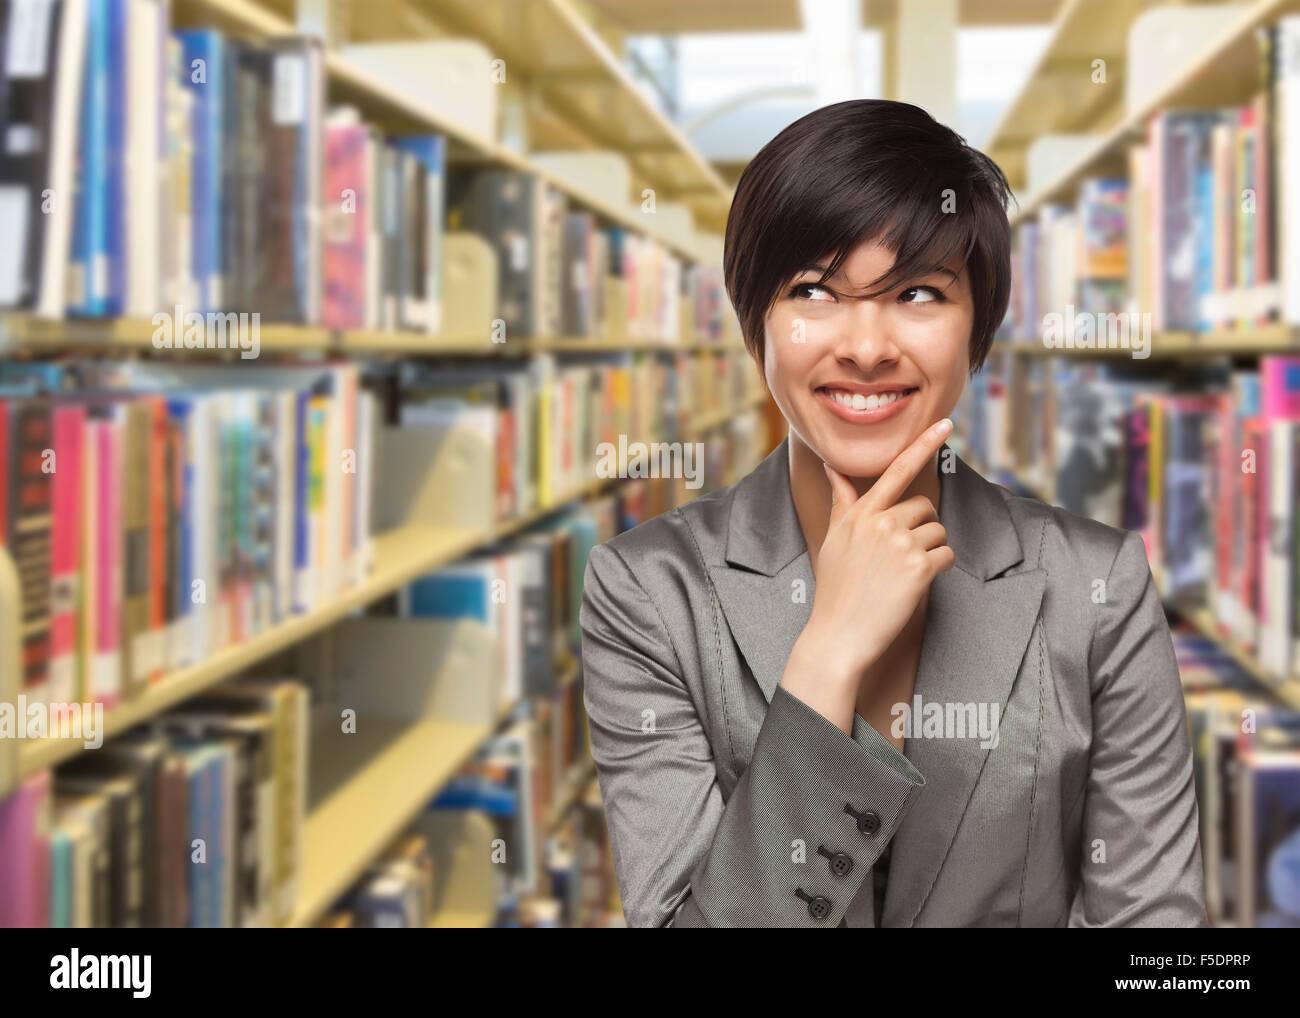 Curieux Mixed Race Girl à la recherche sur le côté de la bibliothèque. Photo Stock